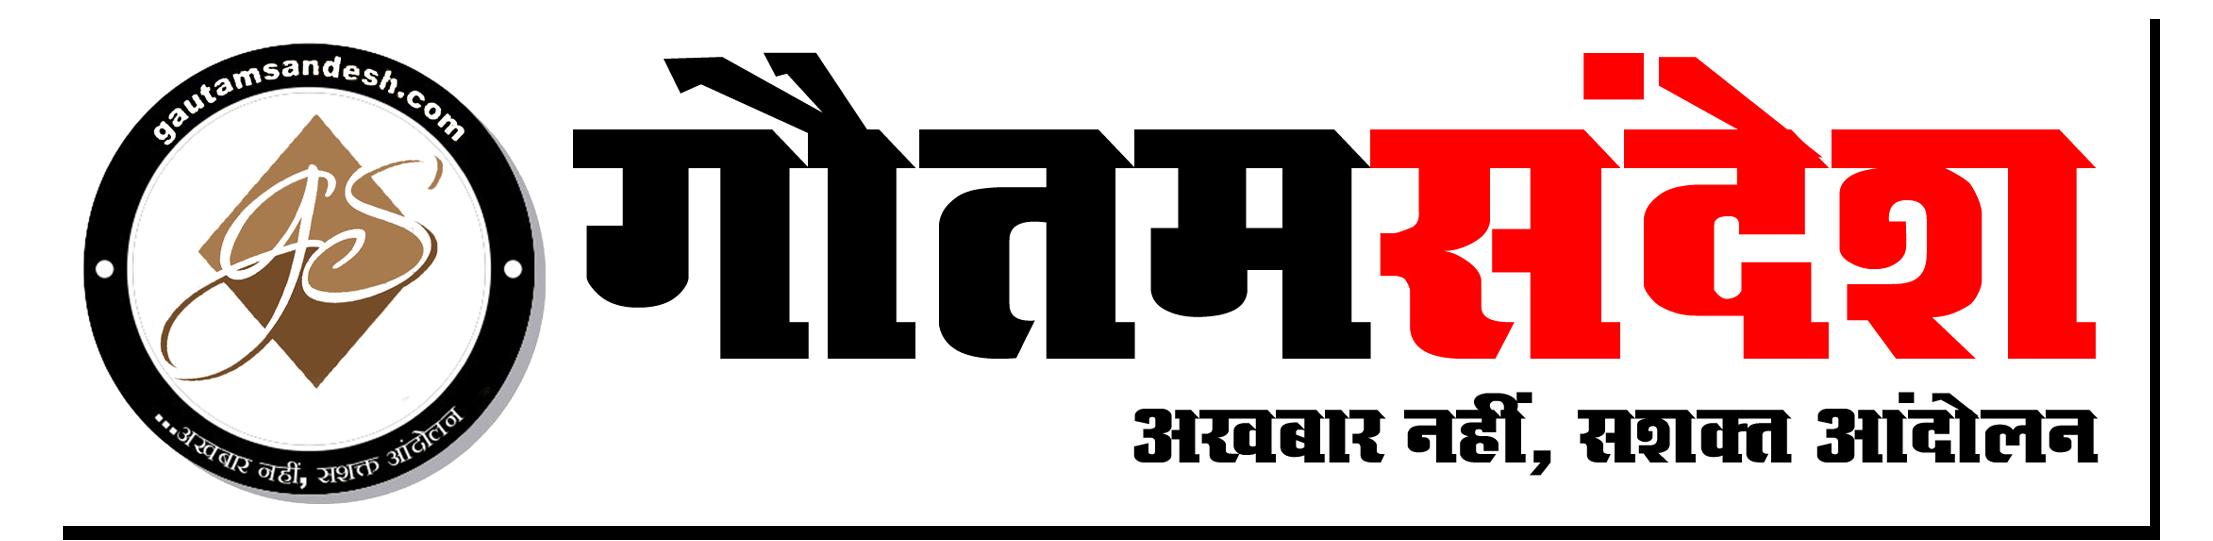 Gautam Sandesh